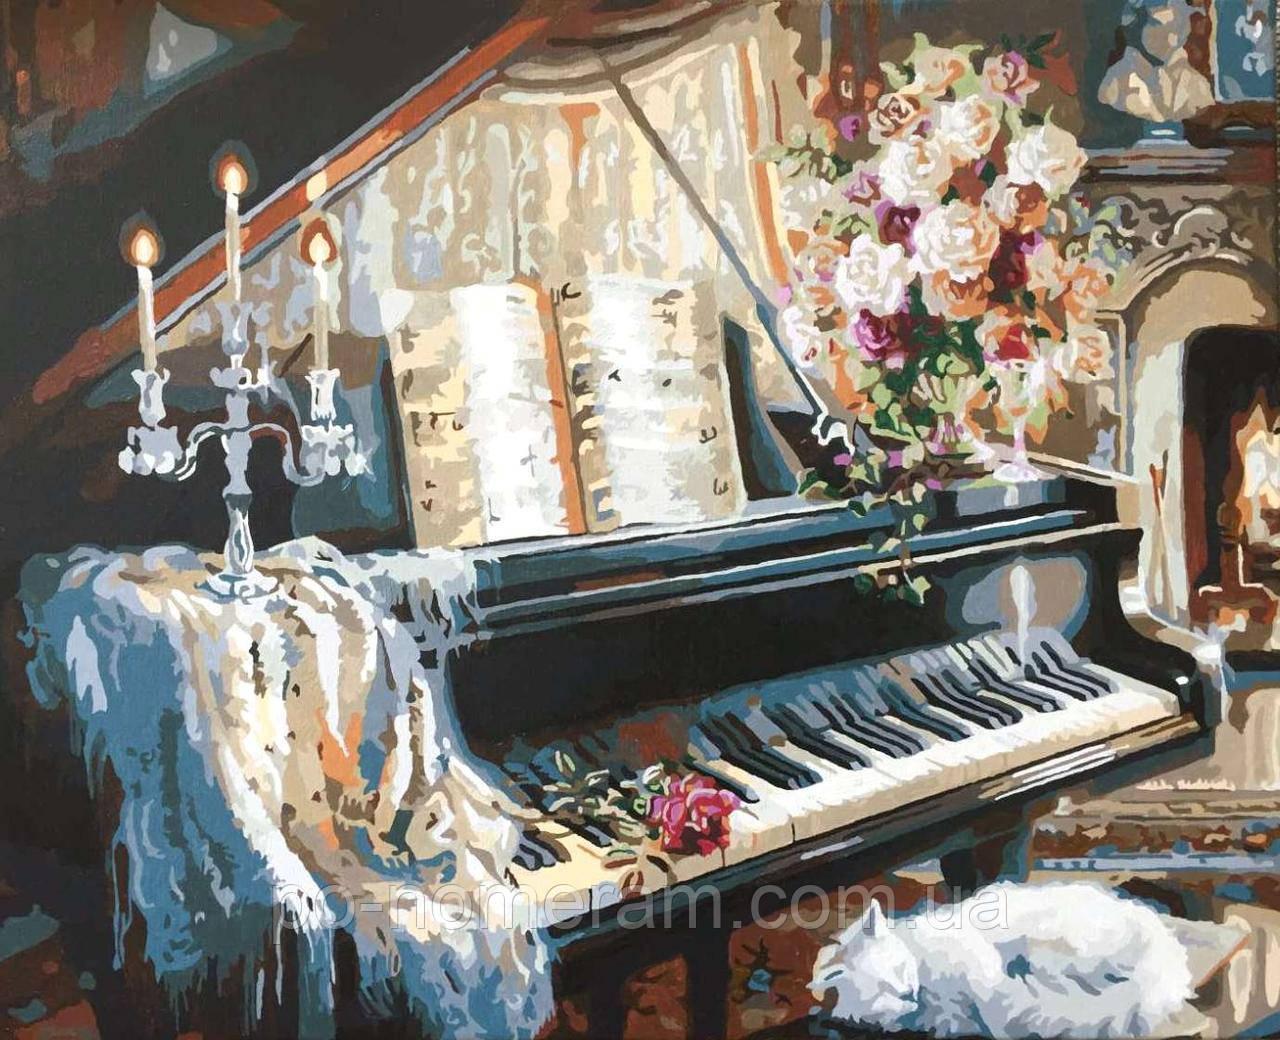 Картина по номерам DIY Babylon Музыкальный вечер у камина худ Гибсон, Джуди (VP124) 40 х 50 см